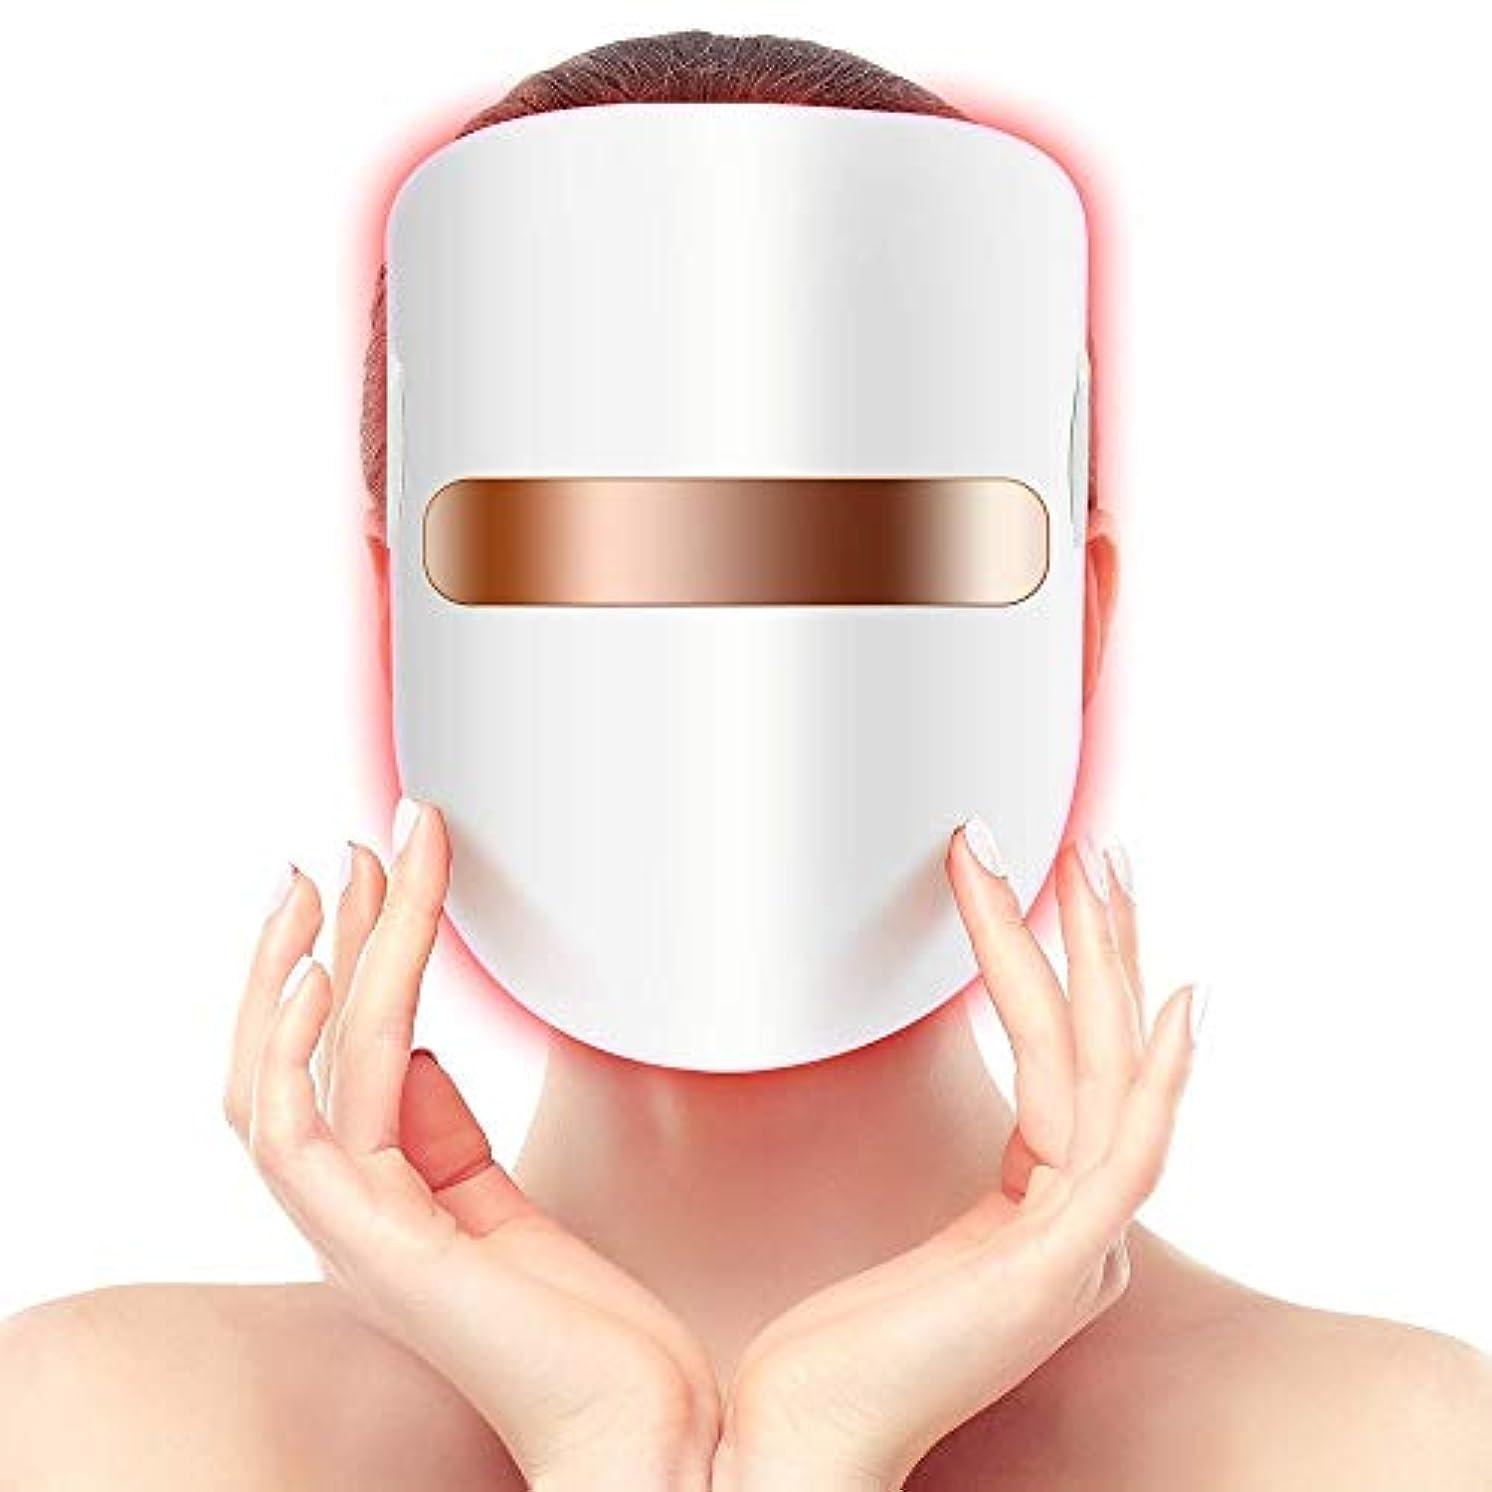 アクチュエータ指標病光療法にきび治療ledマスク療法無制限セッションのためににきび肌治療アンチリンクルホワイトニング肌の若返り楽器